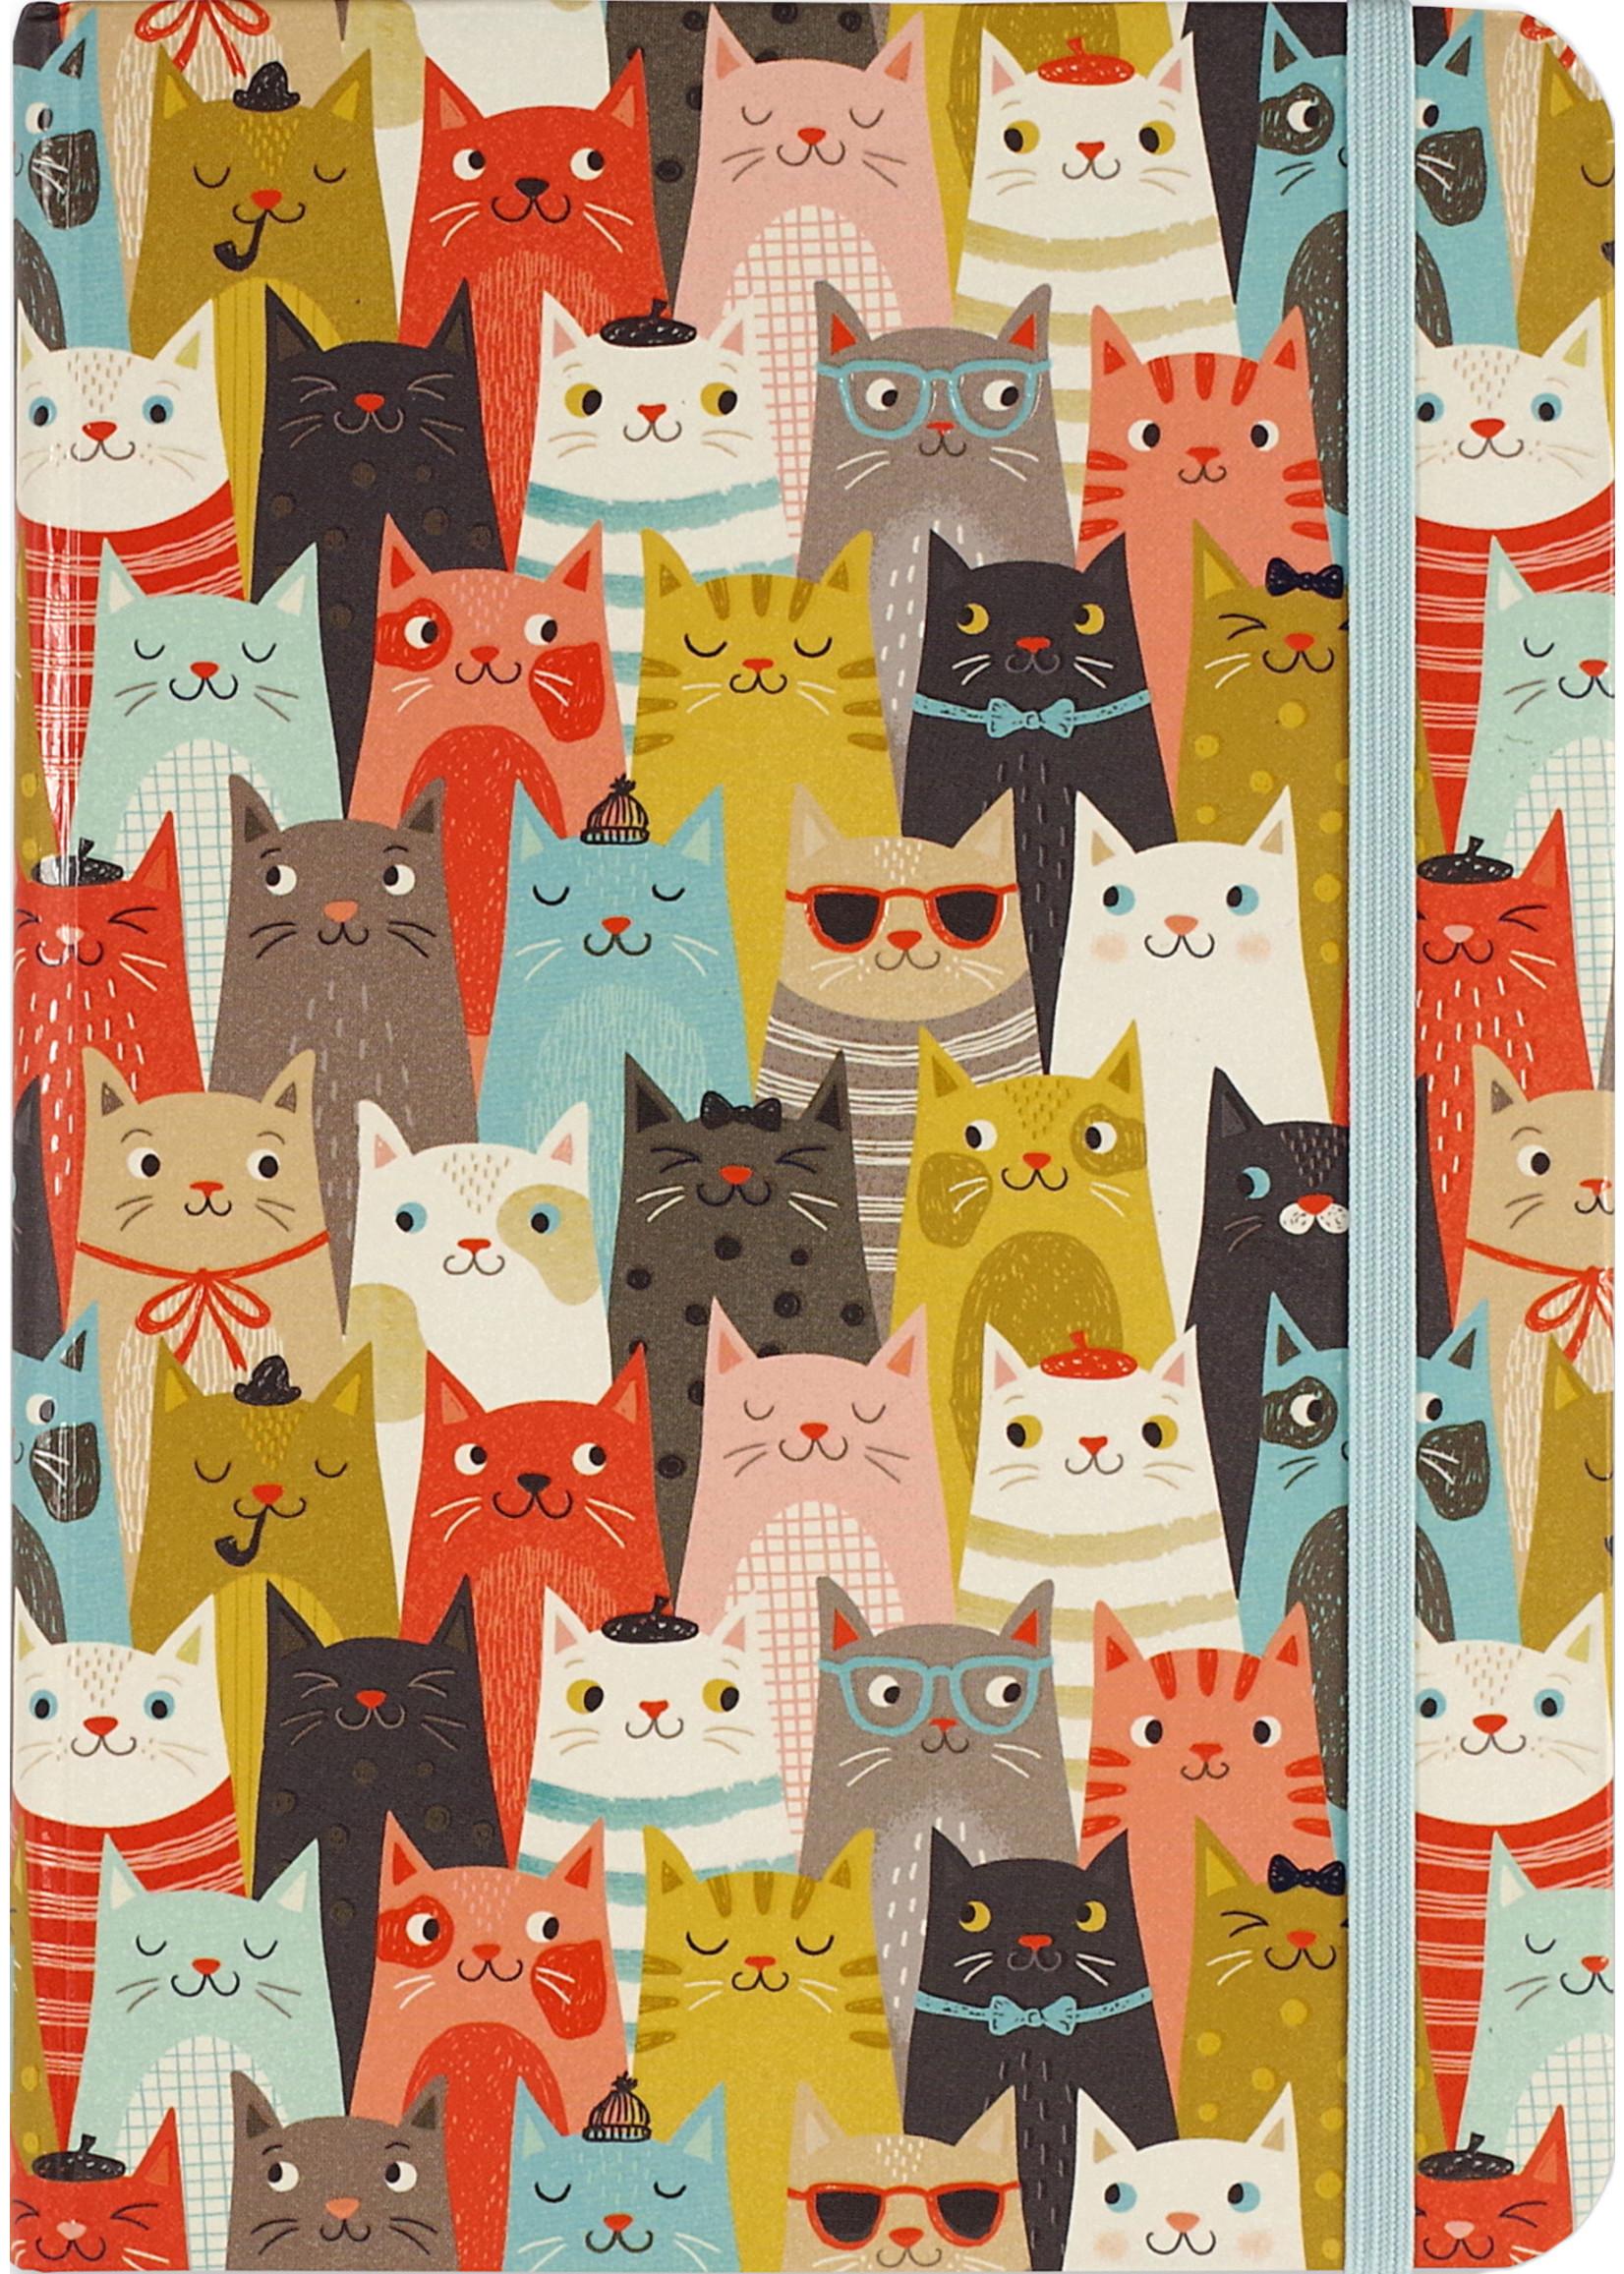 Peter Pauper Press Cats Small Journal